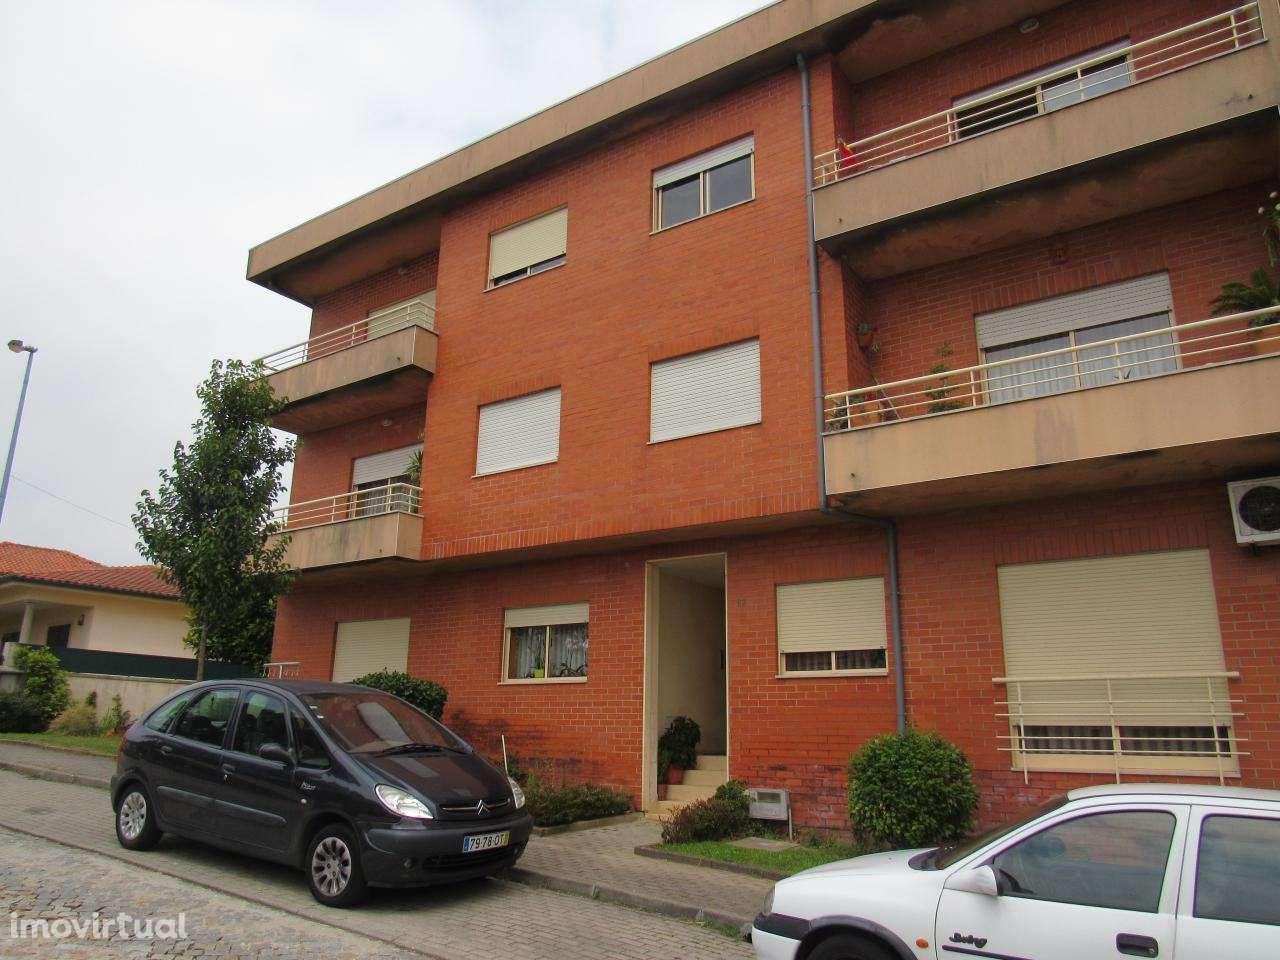 Apartamento para comprar, Esmeriz e Cabeçudos, Vila Nova de Famalicão, Braga - Foto 1